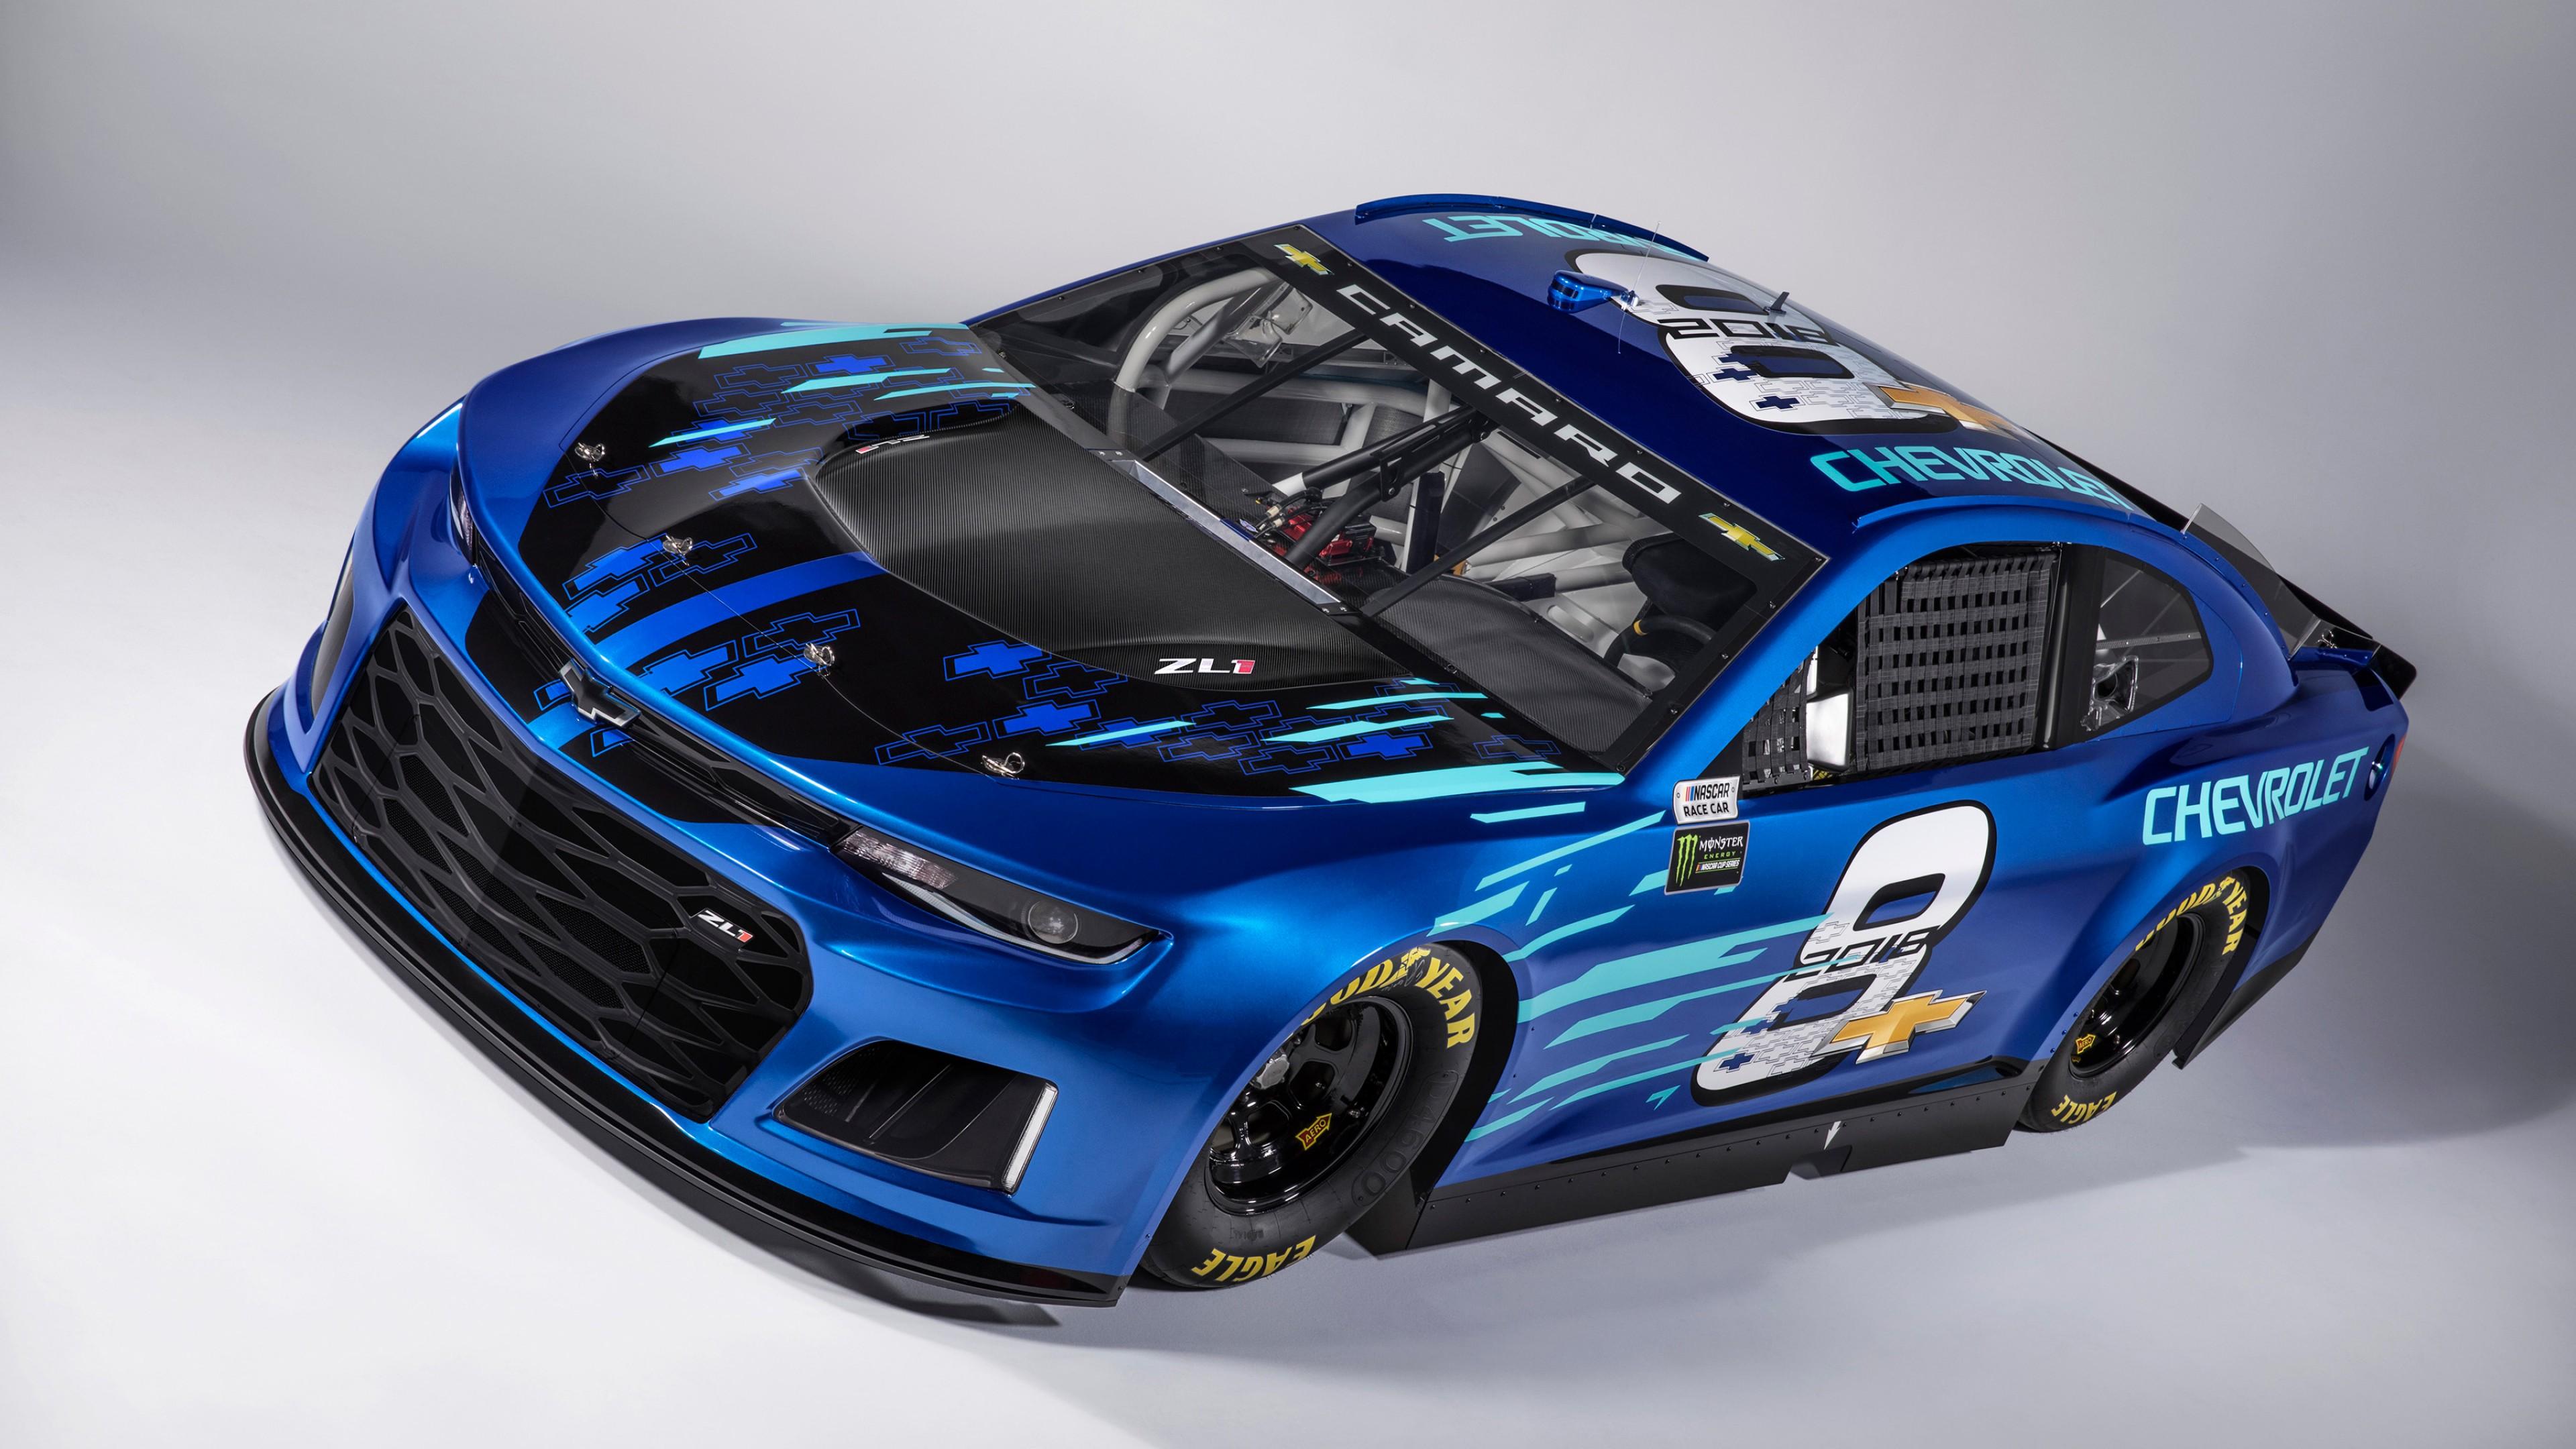 Ярко синий спортивный автомобиль с мощным обвесом и цифрой 8